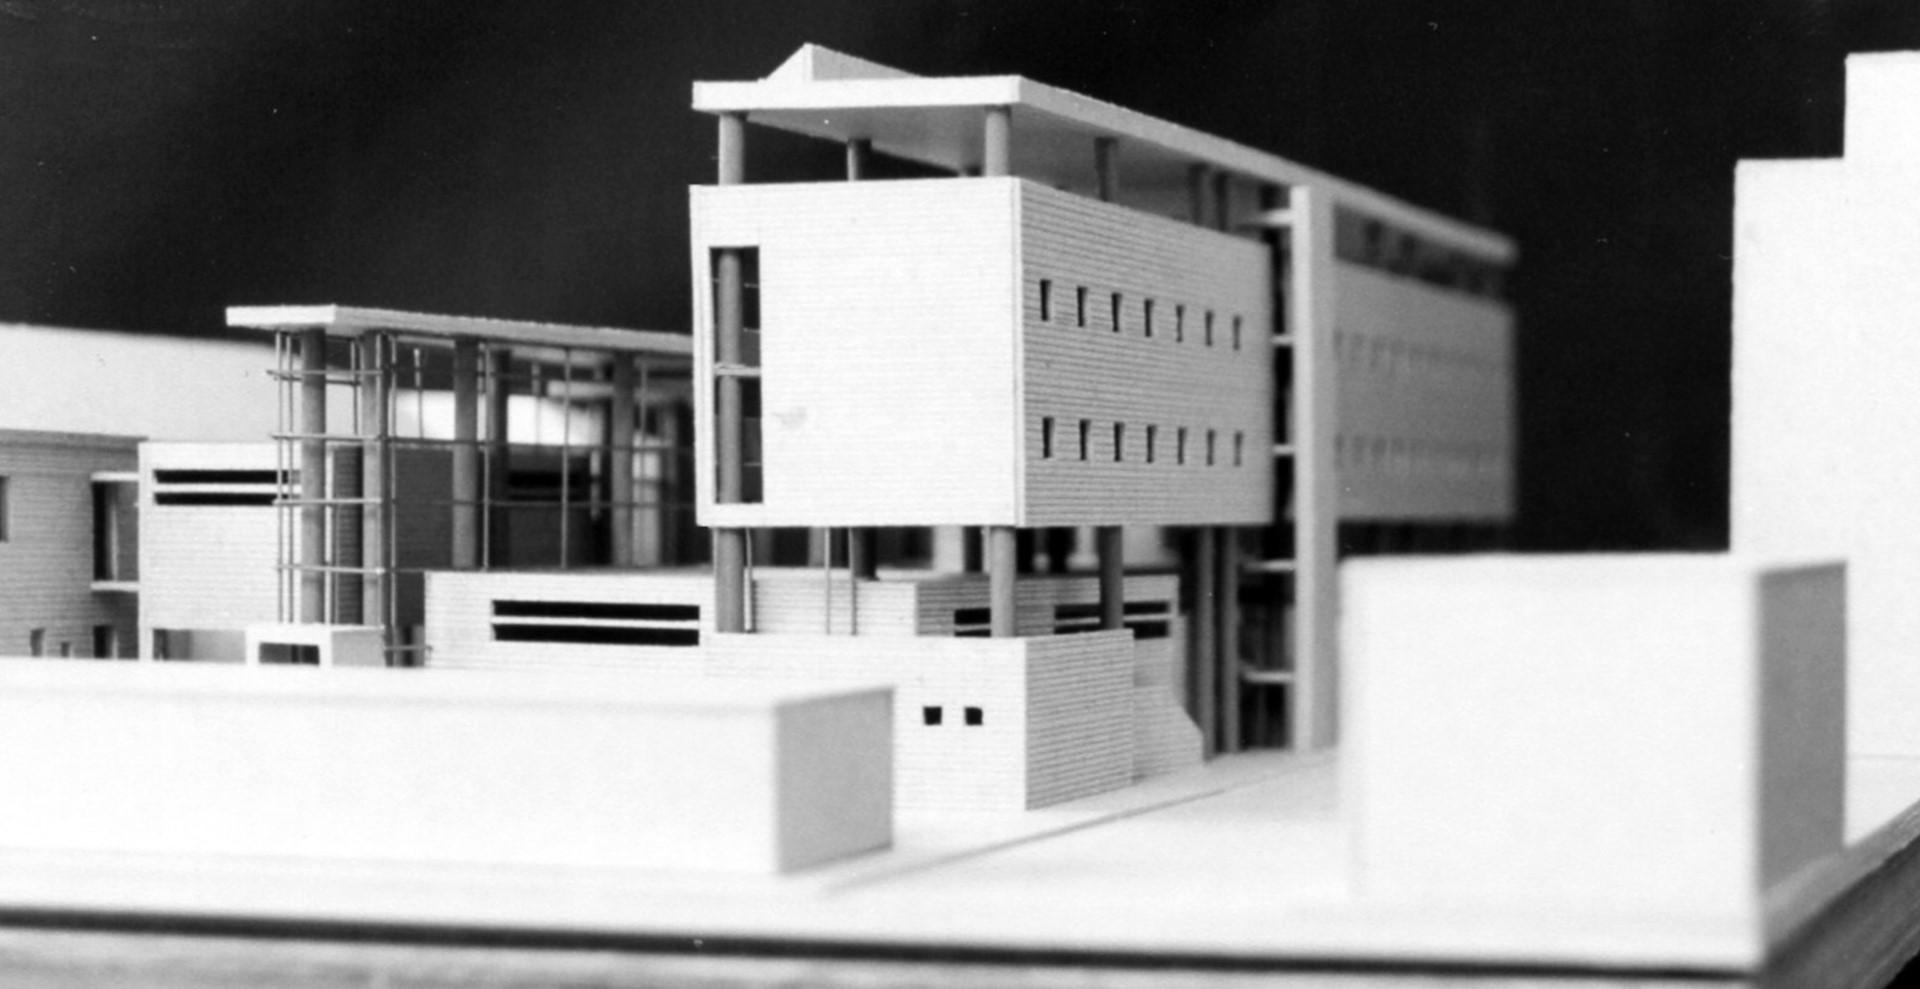 Πανελλήνιος Αρχιτεκτονικός Διαγωνισμός για την επέκταση του δικαστικού μεγάρου Τρικάλων